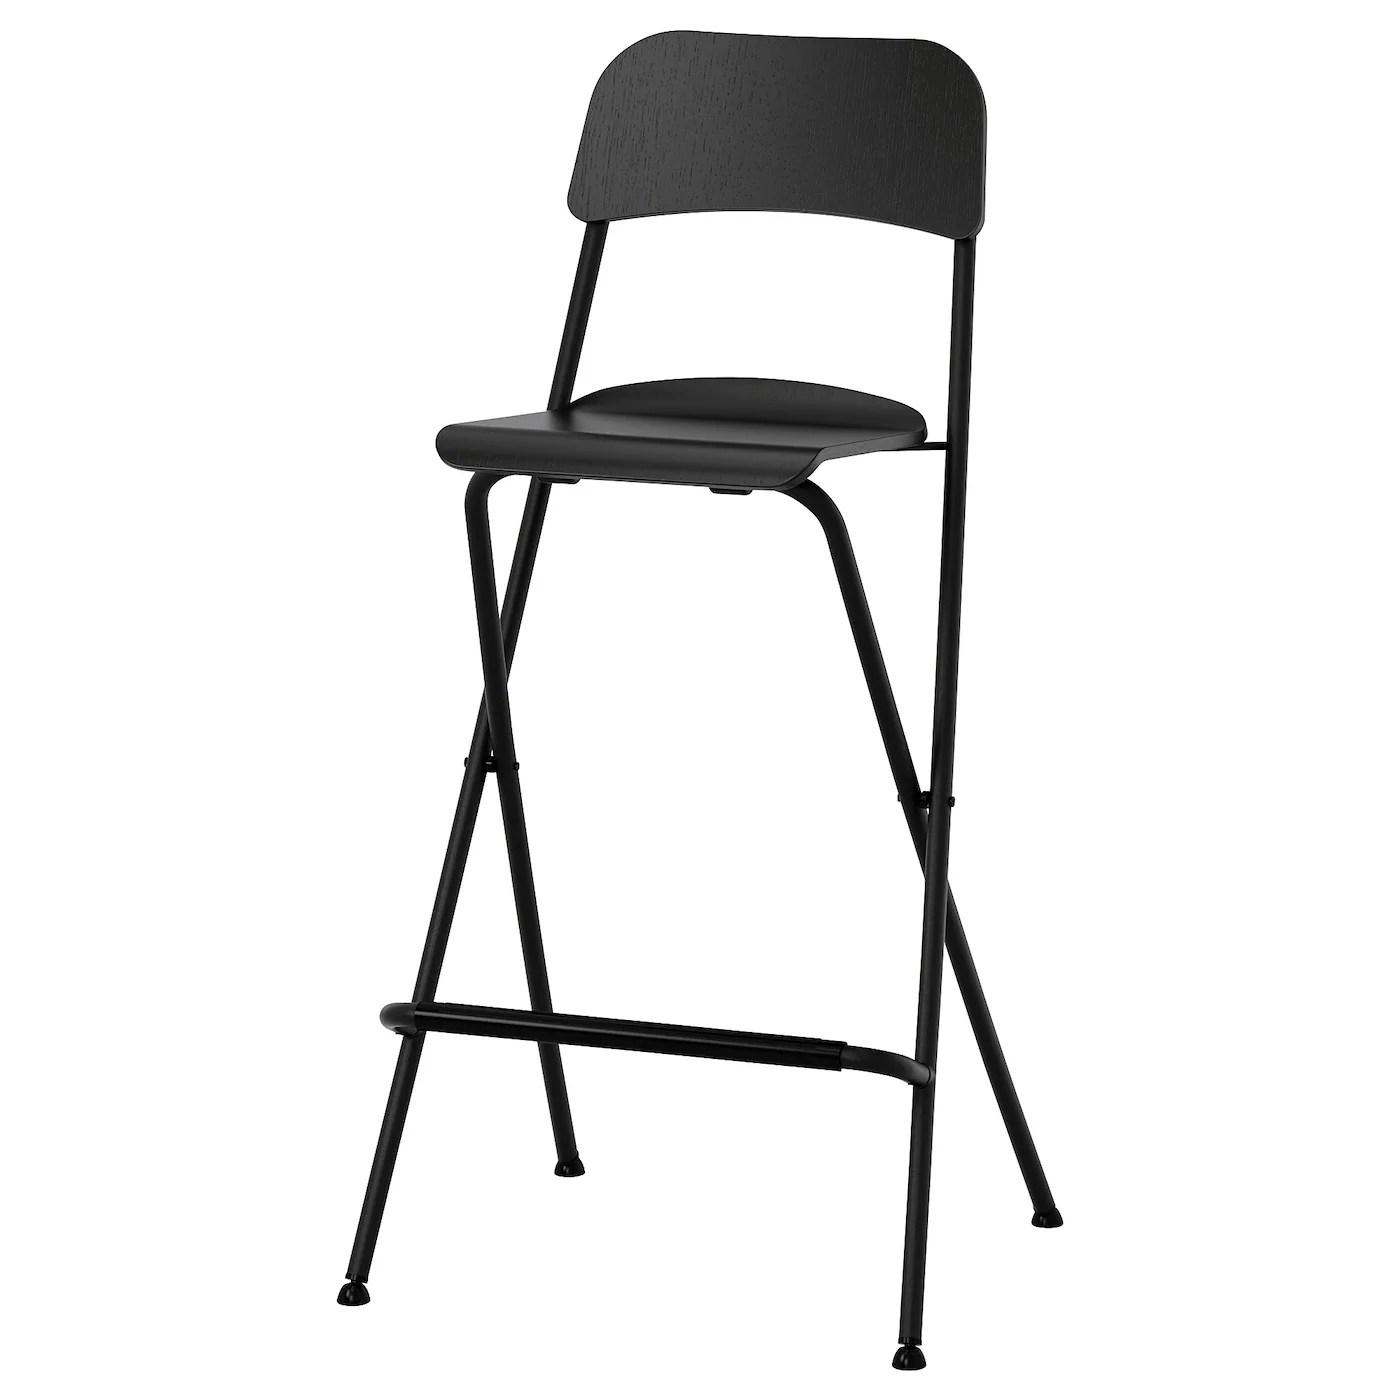 Franklin Chaise De Bar Pliante Noir Noir 74 Cm Ikea